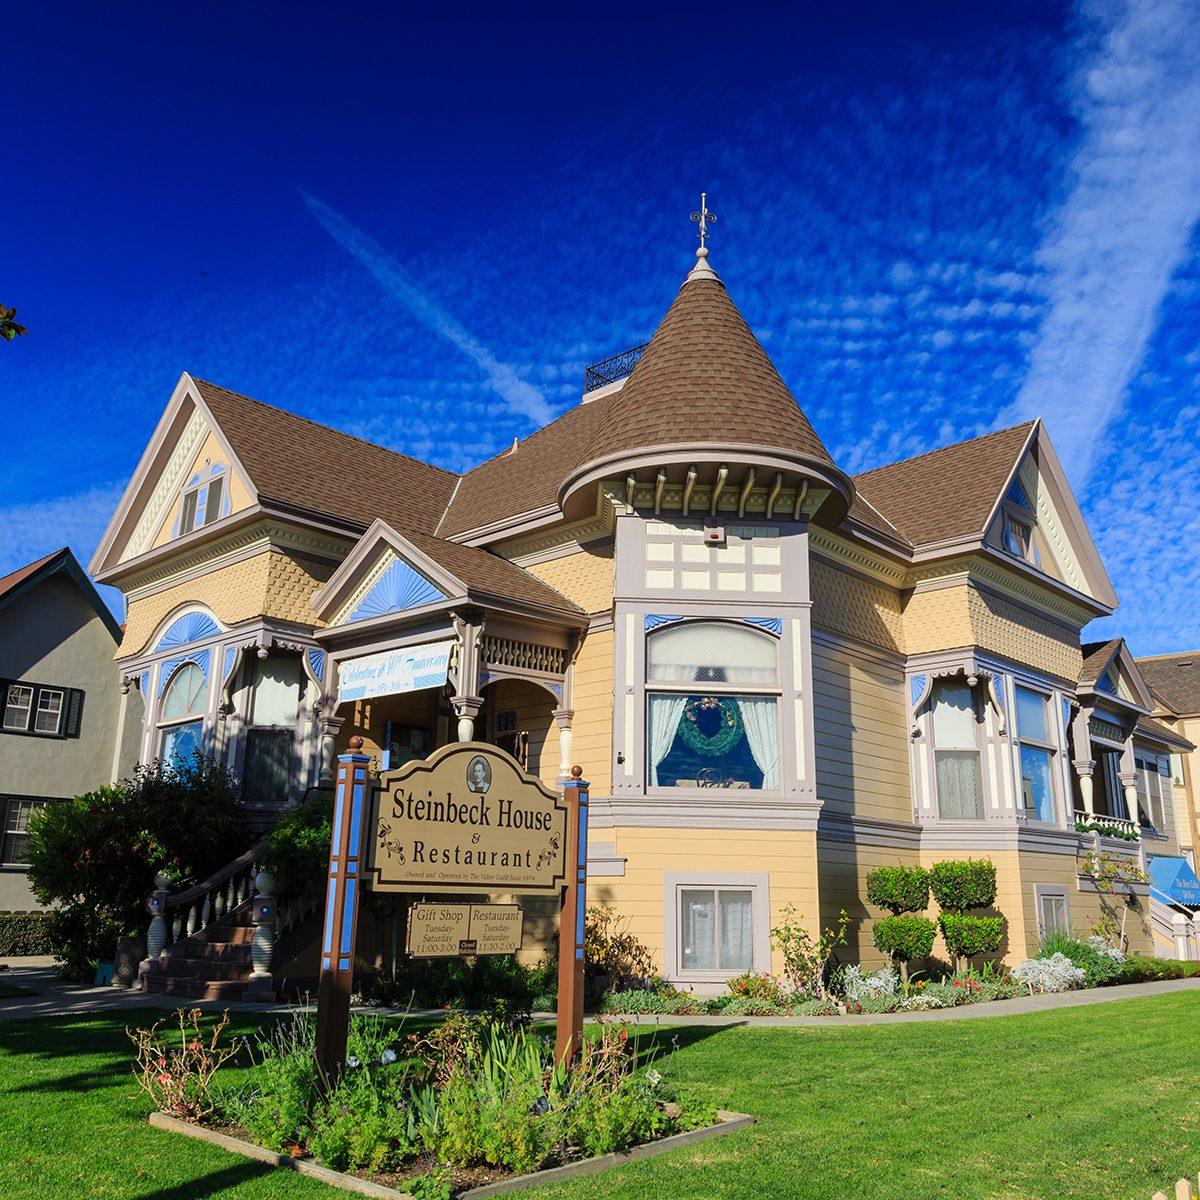 Salinas, NOV 28: The beautiful Steinbeck House on NOV 28, 2014 at Salinas, California